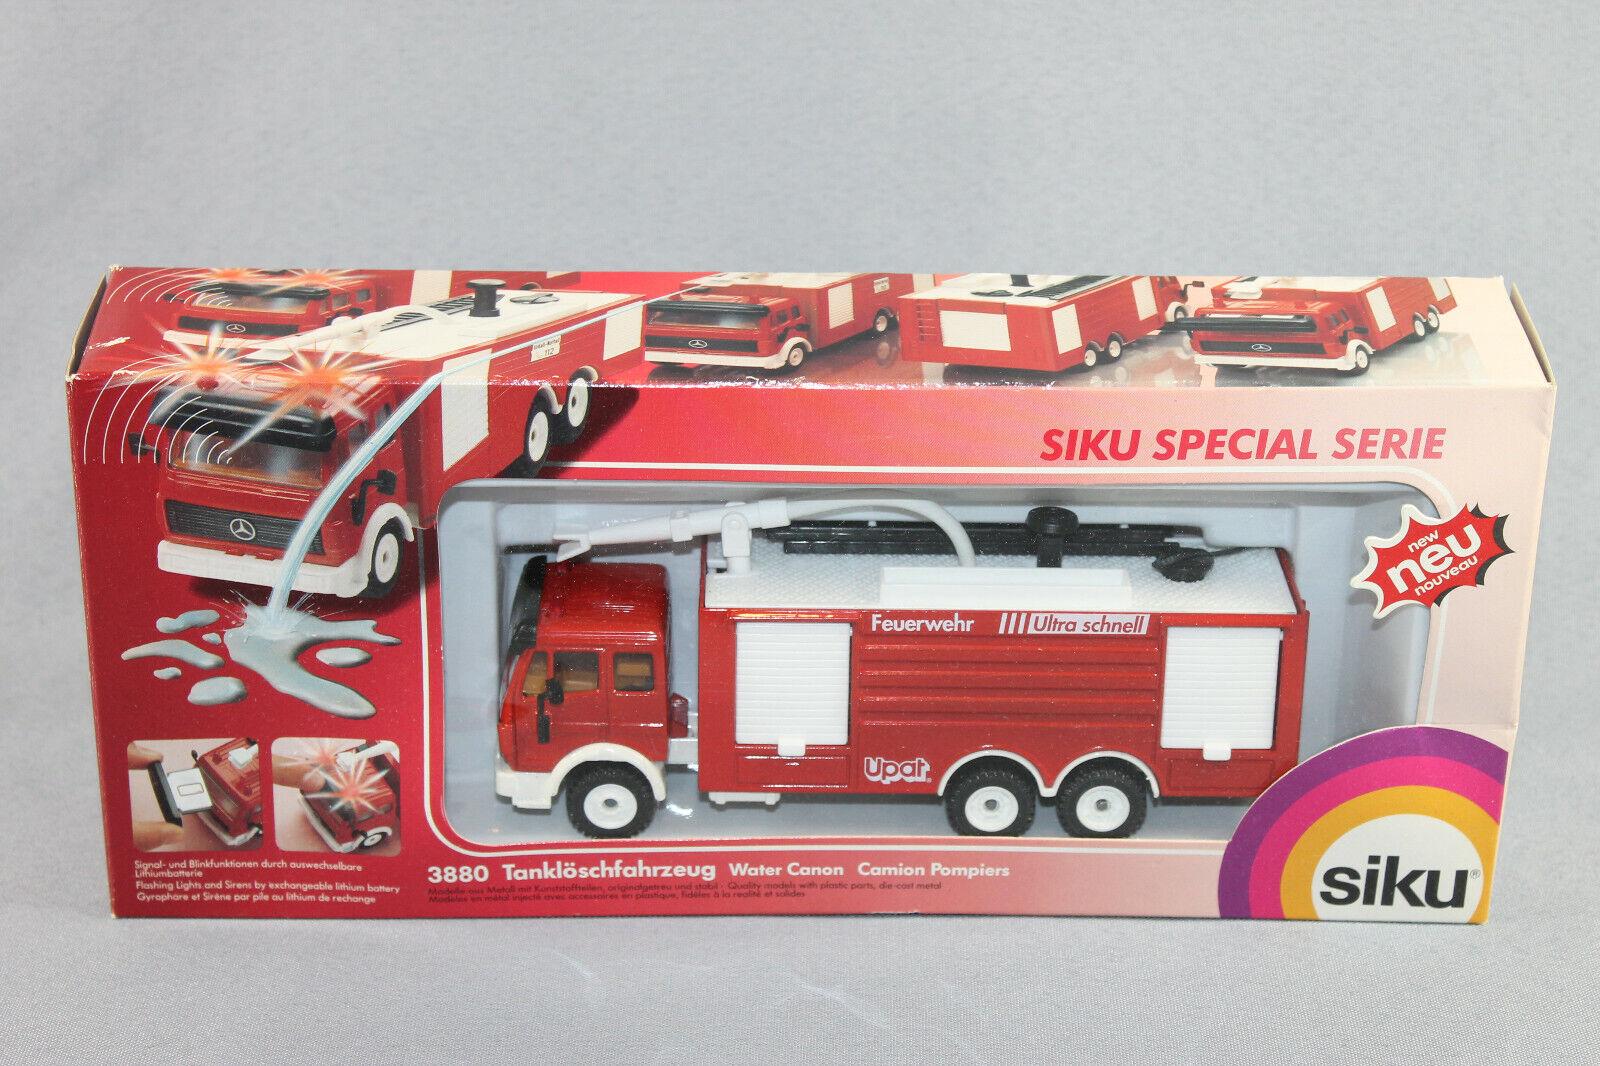 Siku 3880 Feuerwehr Tanklöschfahrzeug Tanklöschfahrzeug Tanklöschfahrzeug UPAT Werbemodell Super-Serie in OVP 99d004